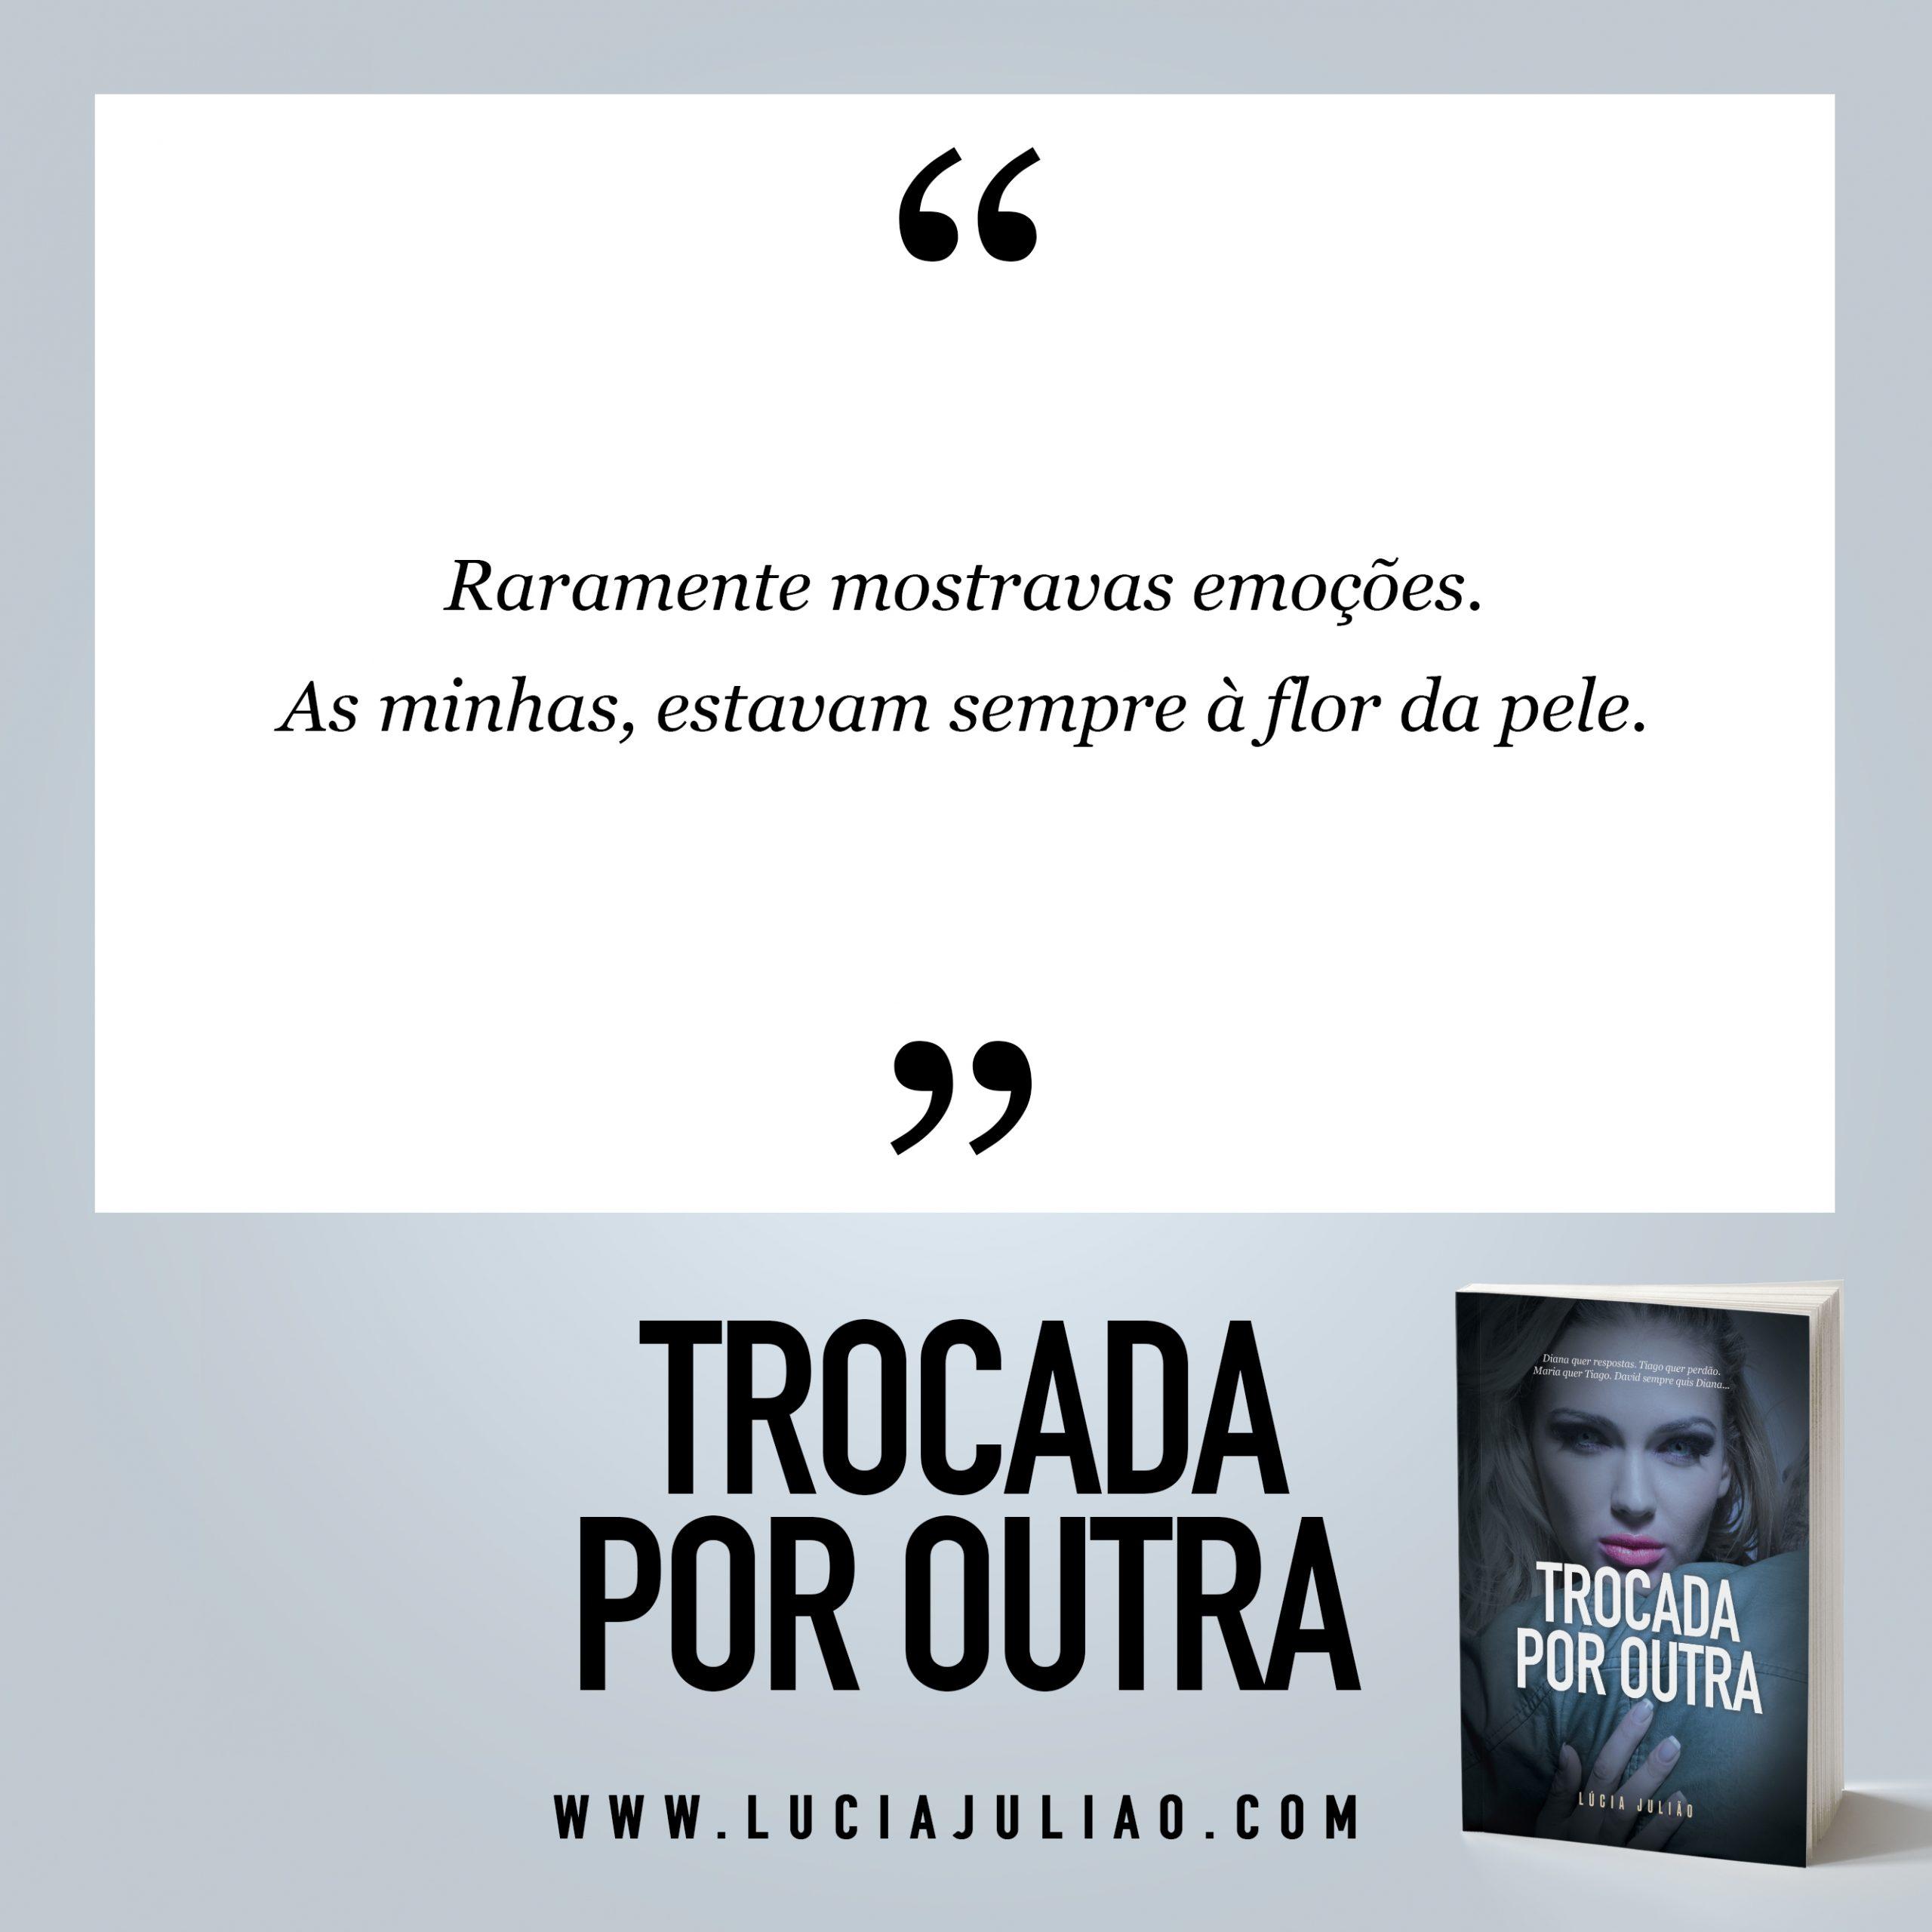 050Q - capitulo 17 Trocada por outra - Lúcia Julião